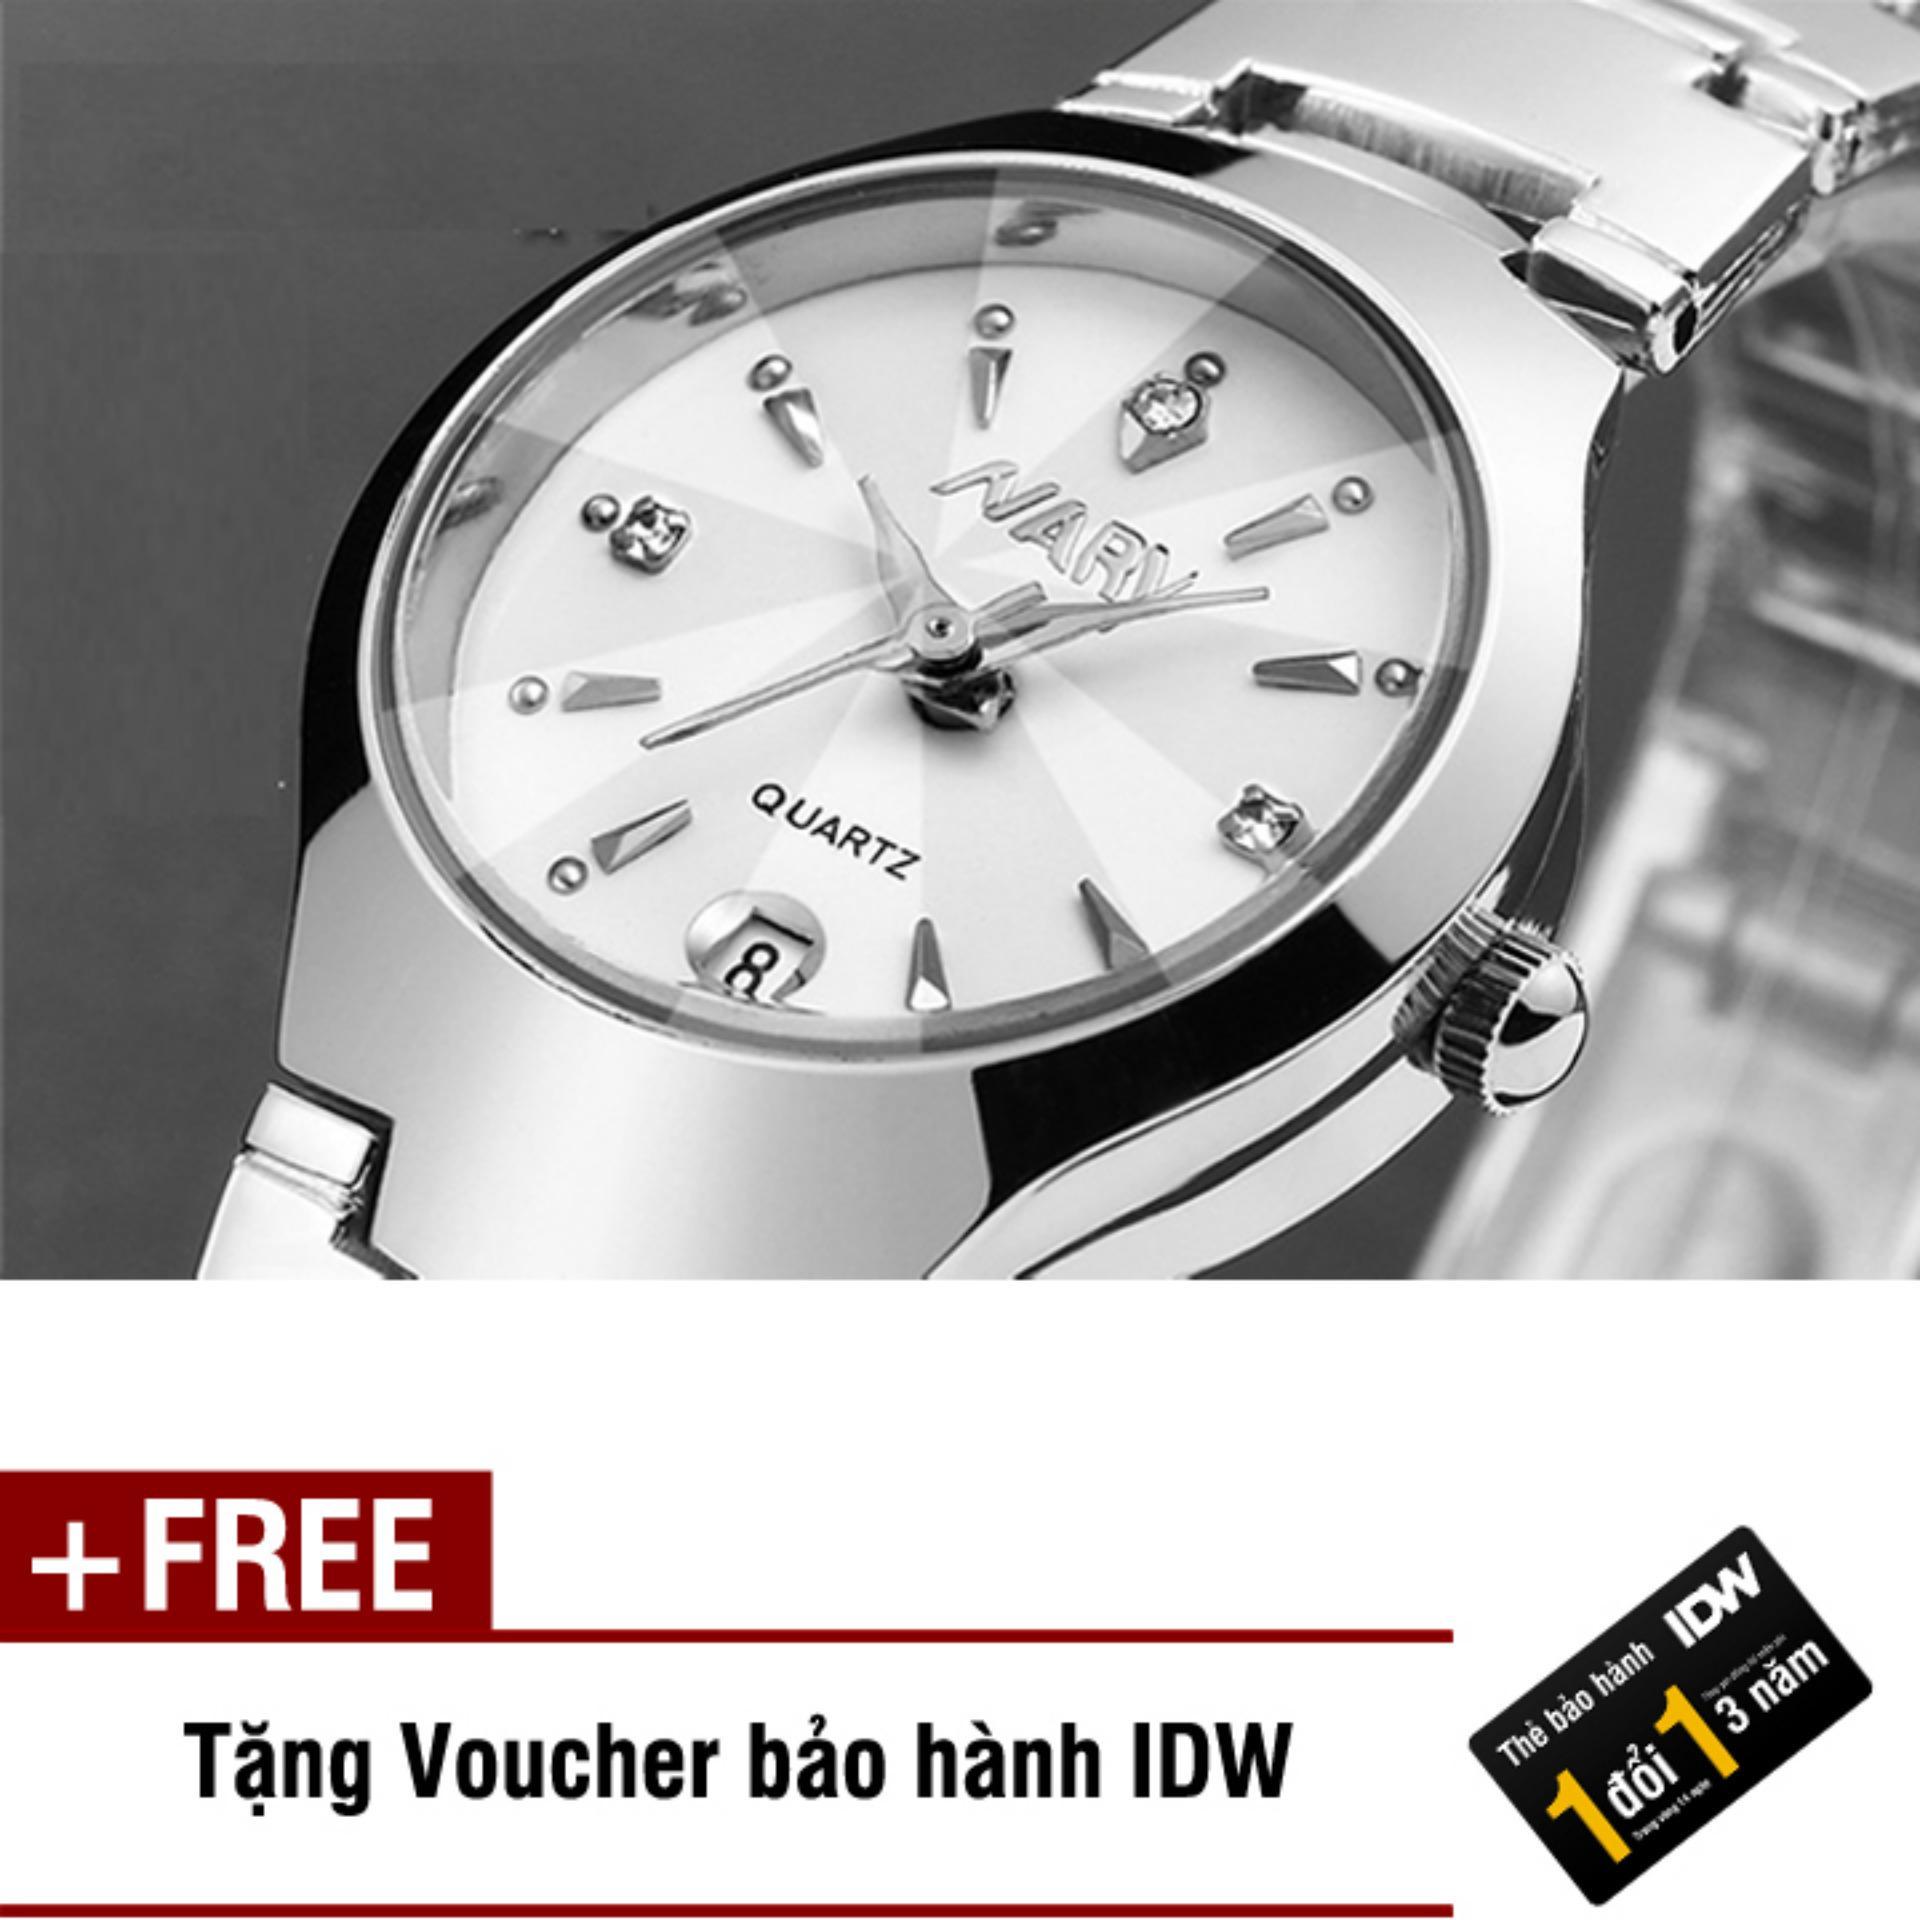 Đồng hồ nam dây thép không rỉ cao cấp Nary IDW 2563 (Mặt trắng) + Tặng kèm voucher bảo hành IDW